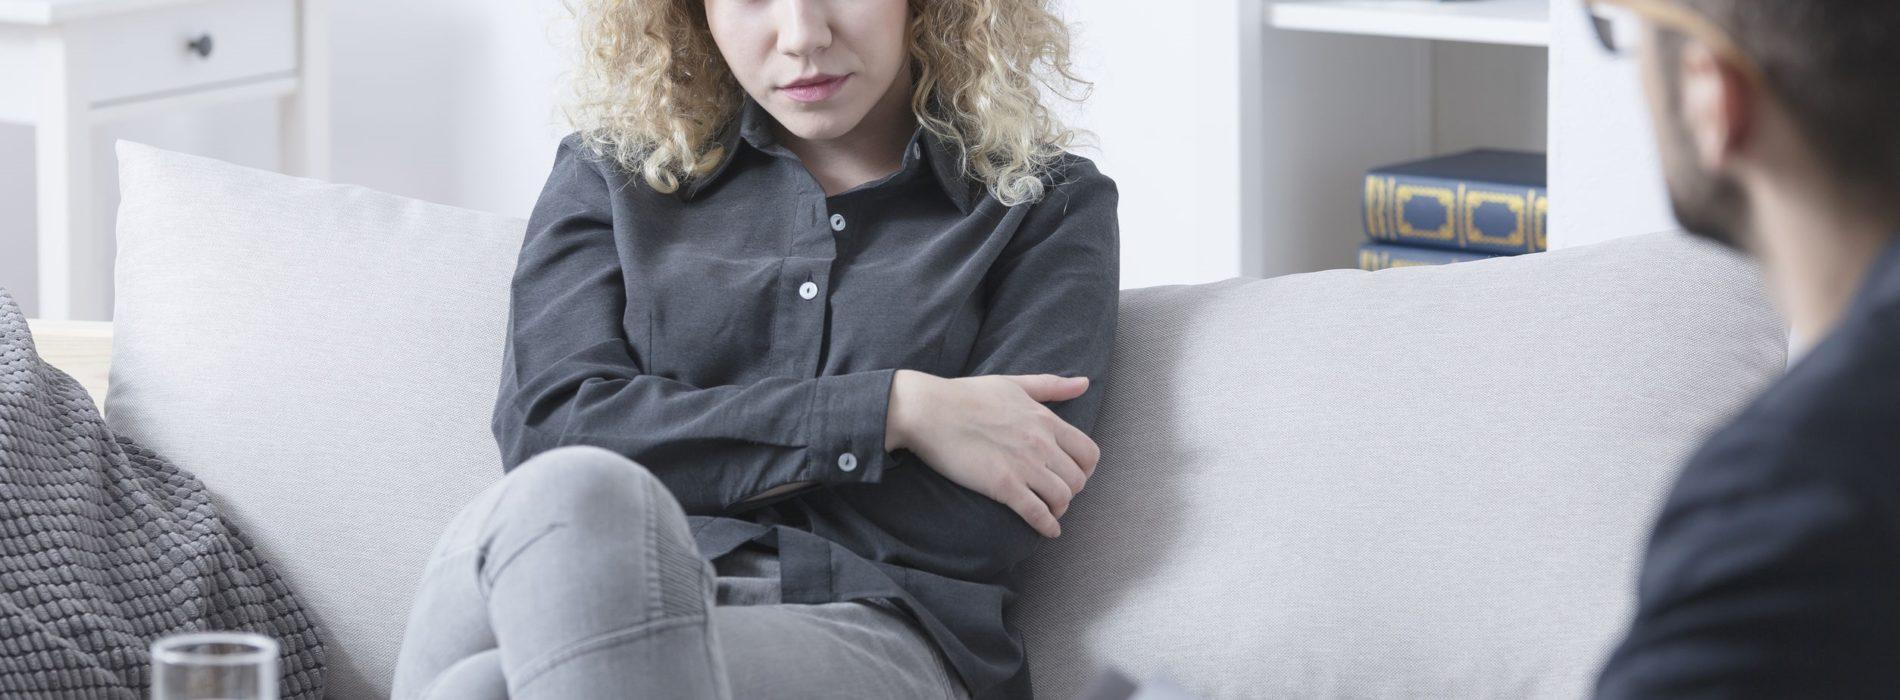 Nerwica natręctw – przyczyny, objawy, przykłady i leczenie nerwicy